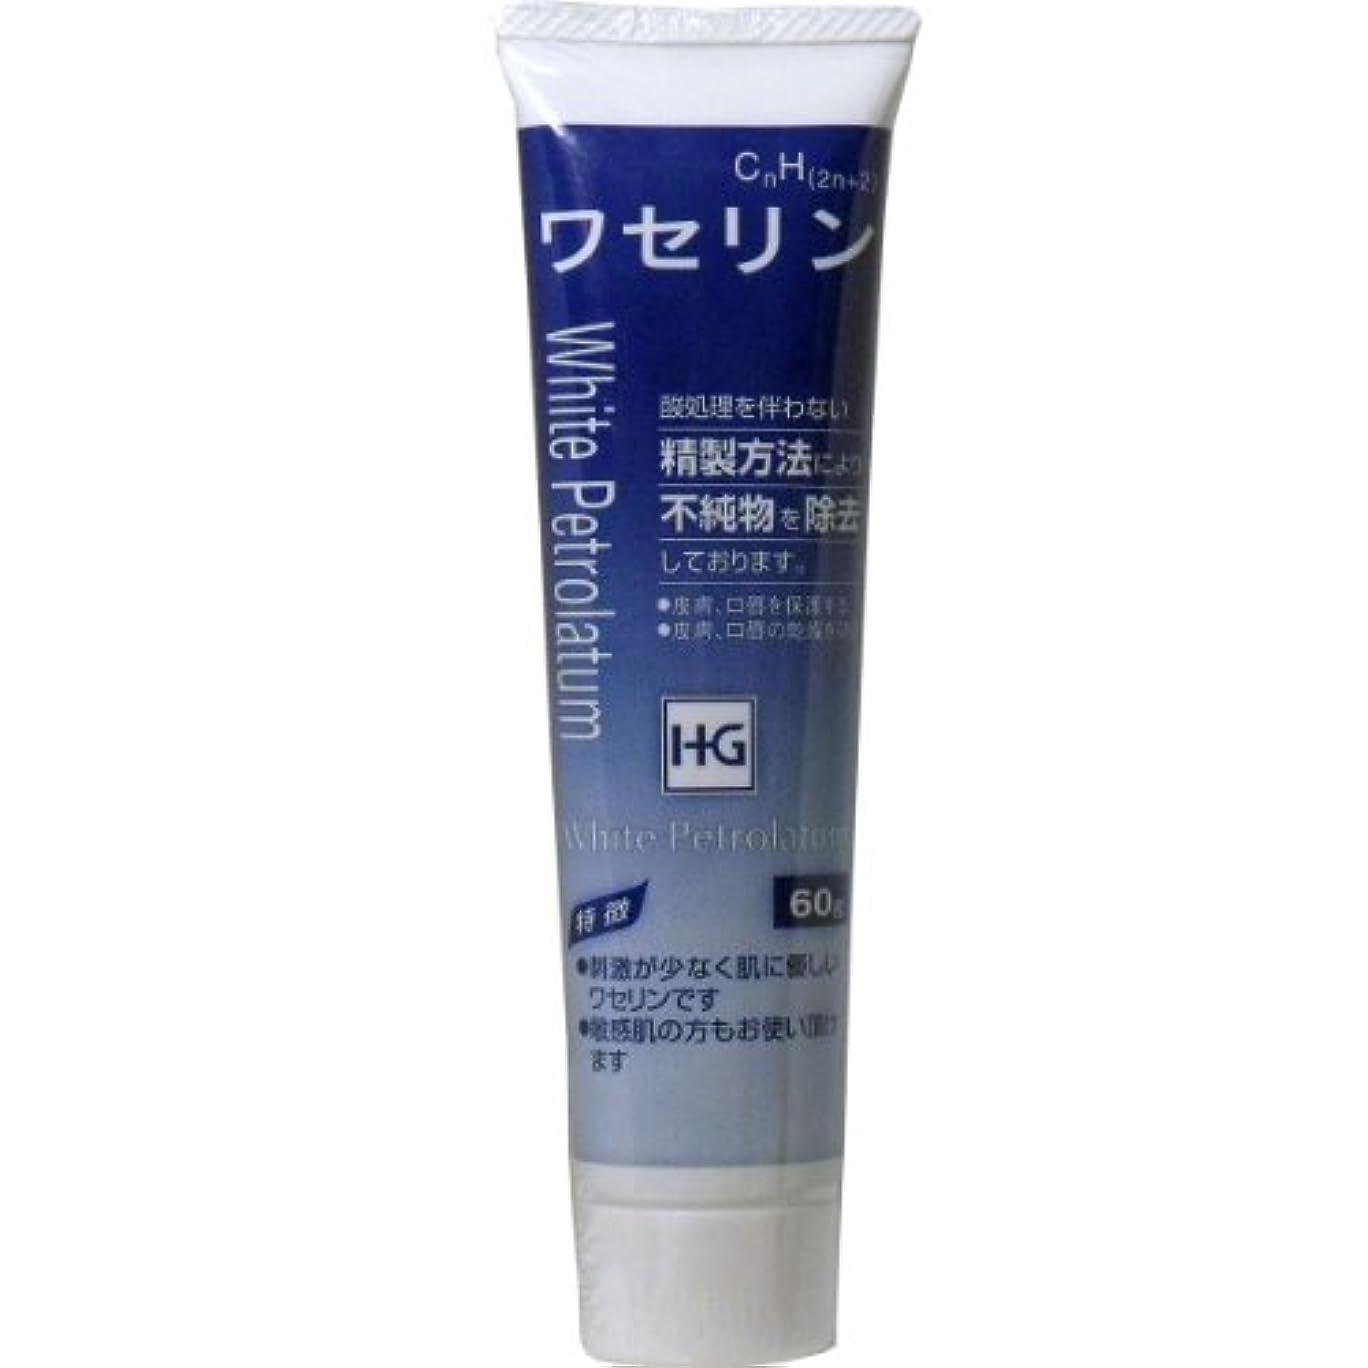 大事にする臨検年皮膚保護 ワセリンHG チューブ 60g入 ×5個セット